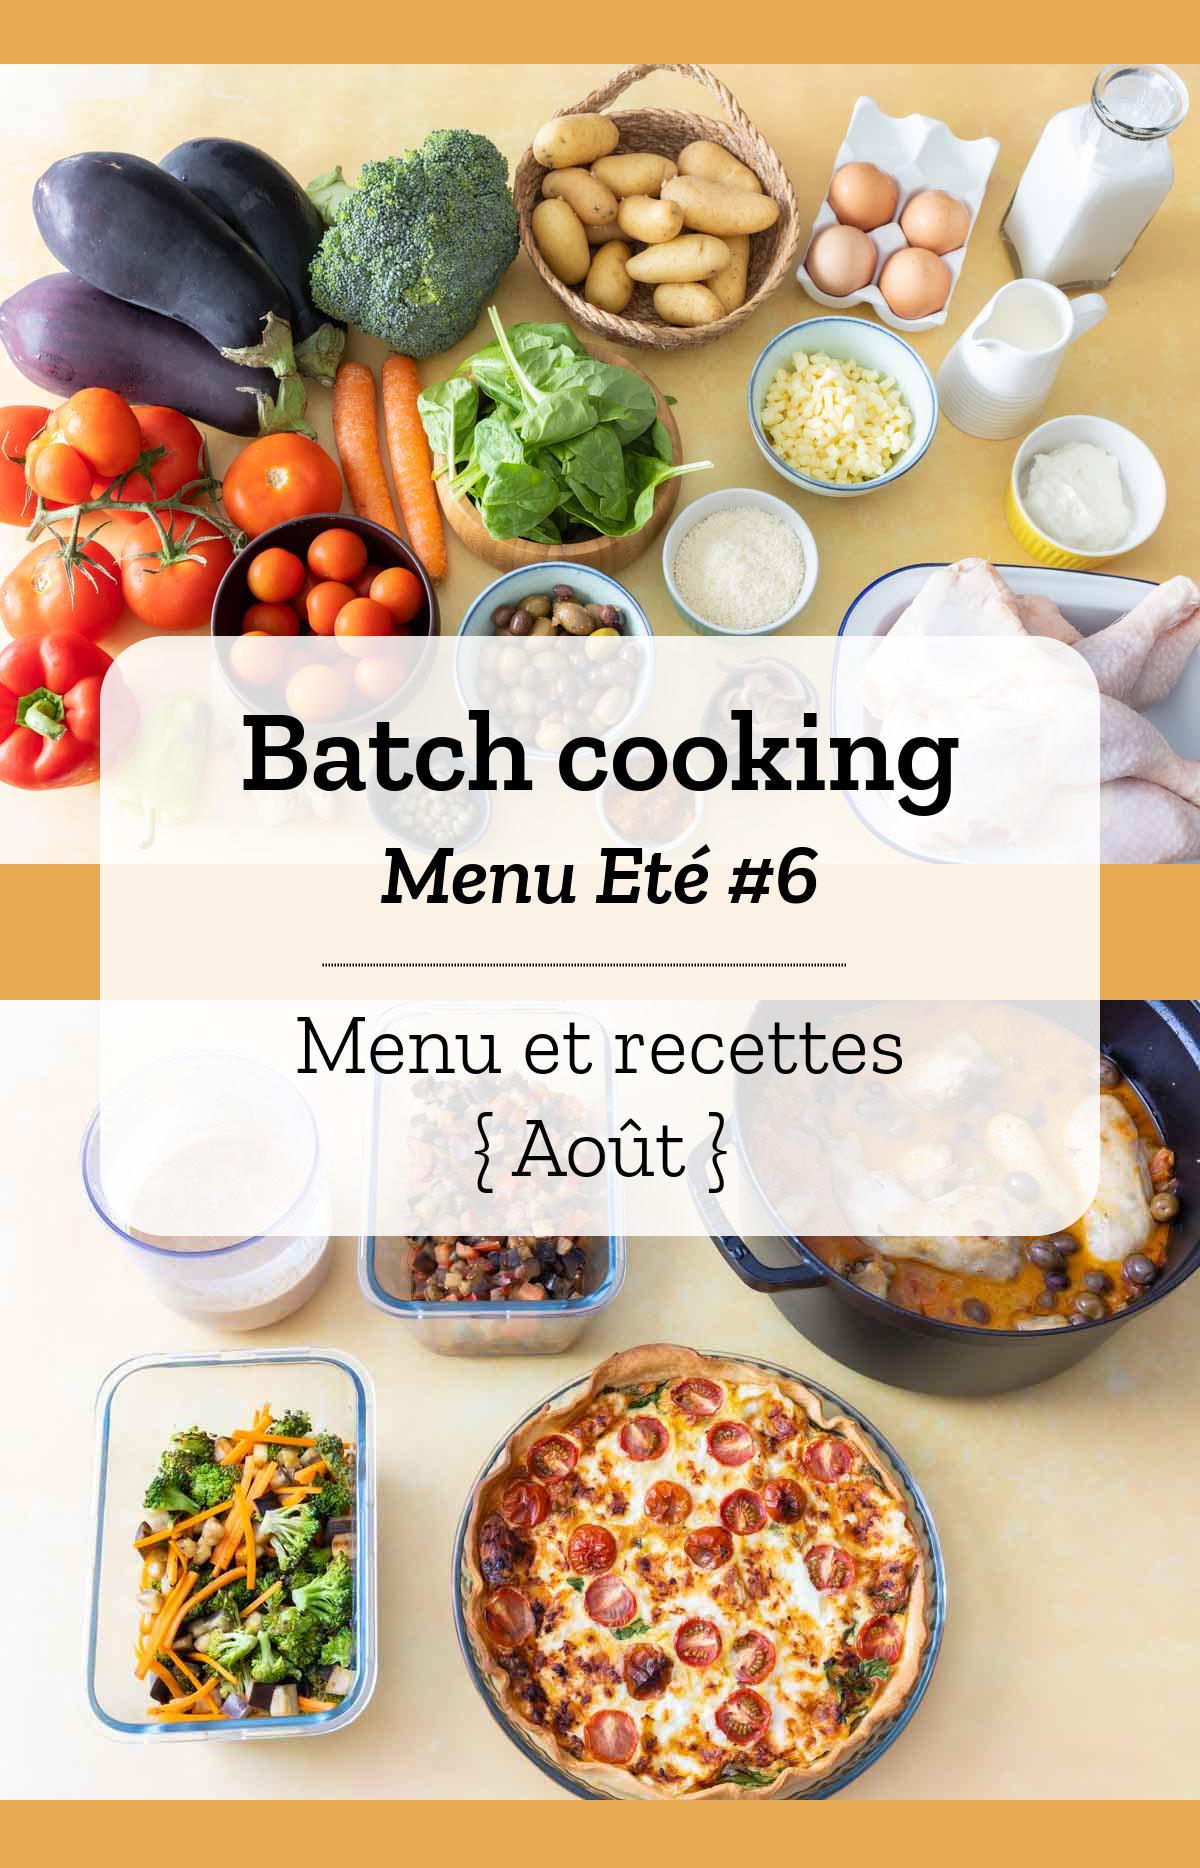 Batch cooking Eté #7 - Mois d\'Août - Semaine 32